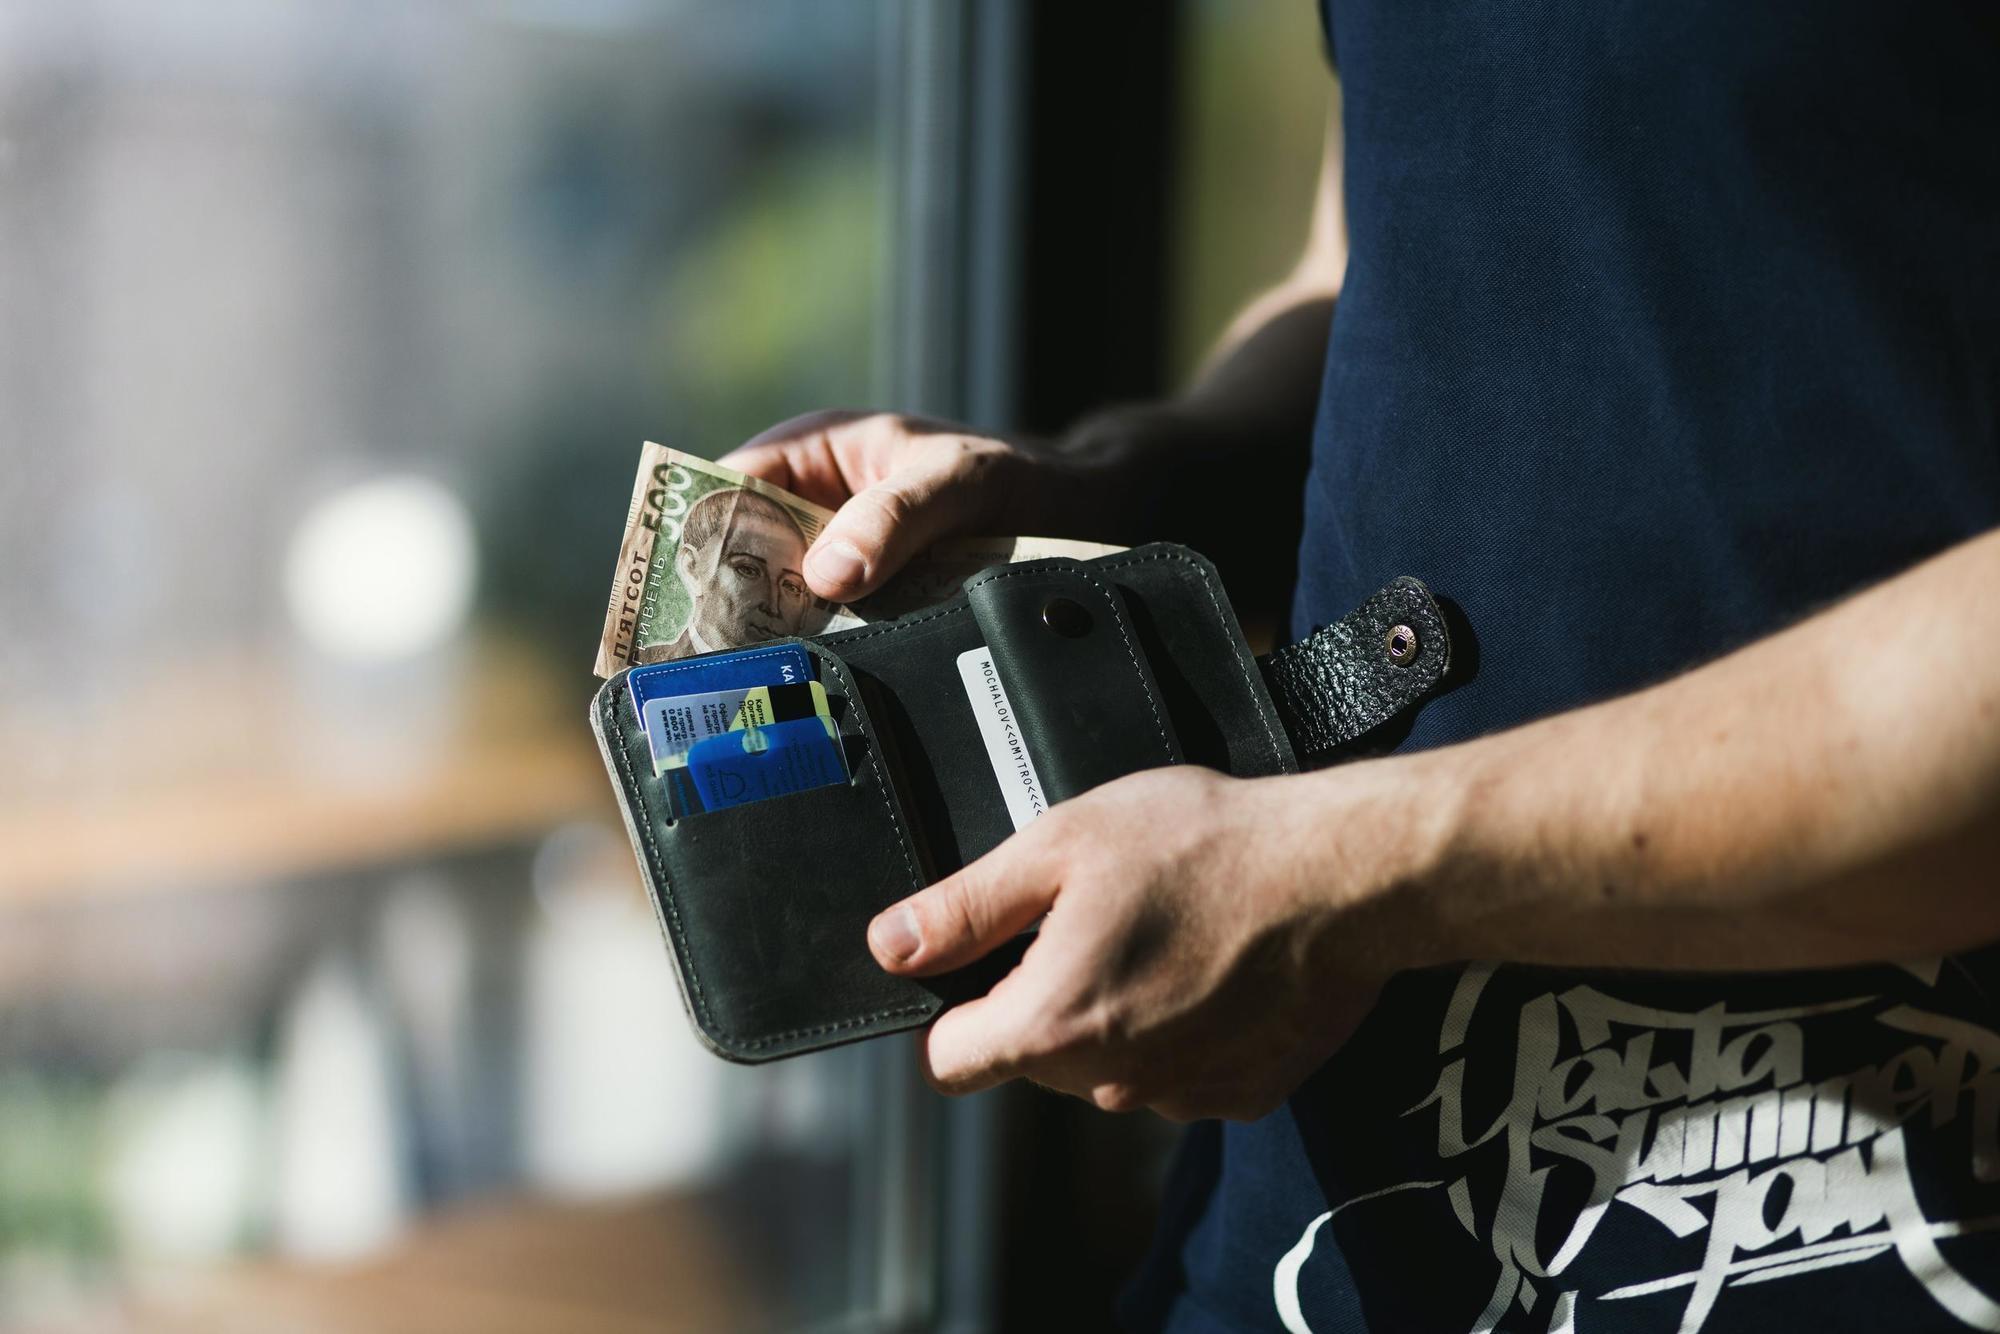 гаманець, гроші, економіка, покупець